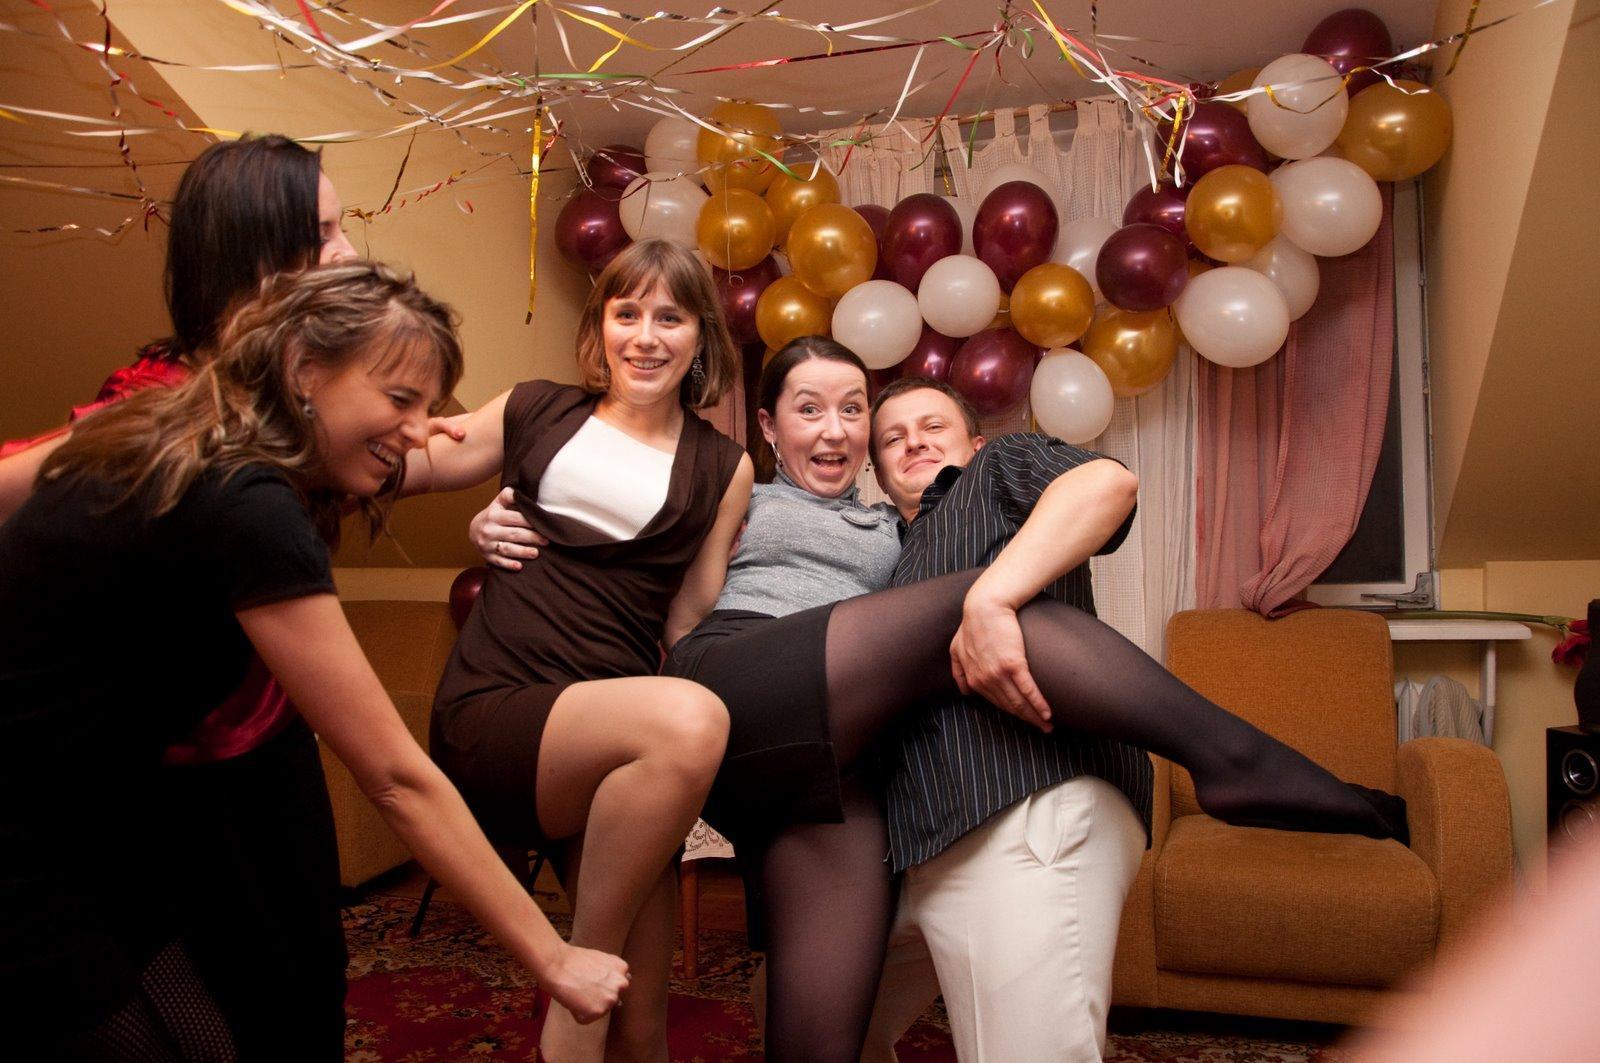 event celebrating pantyhose fashion the xxx -